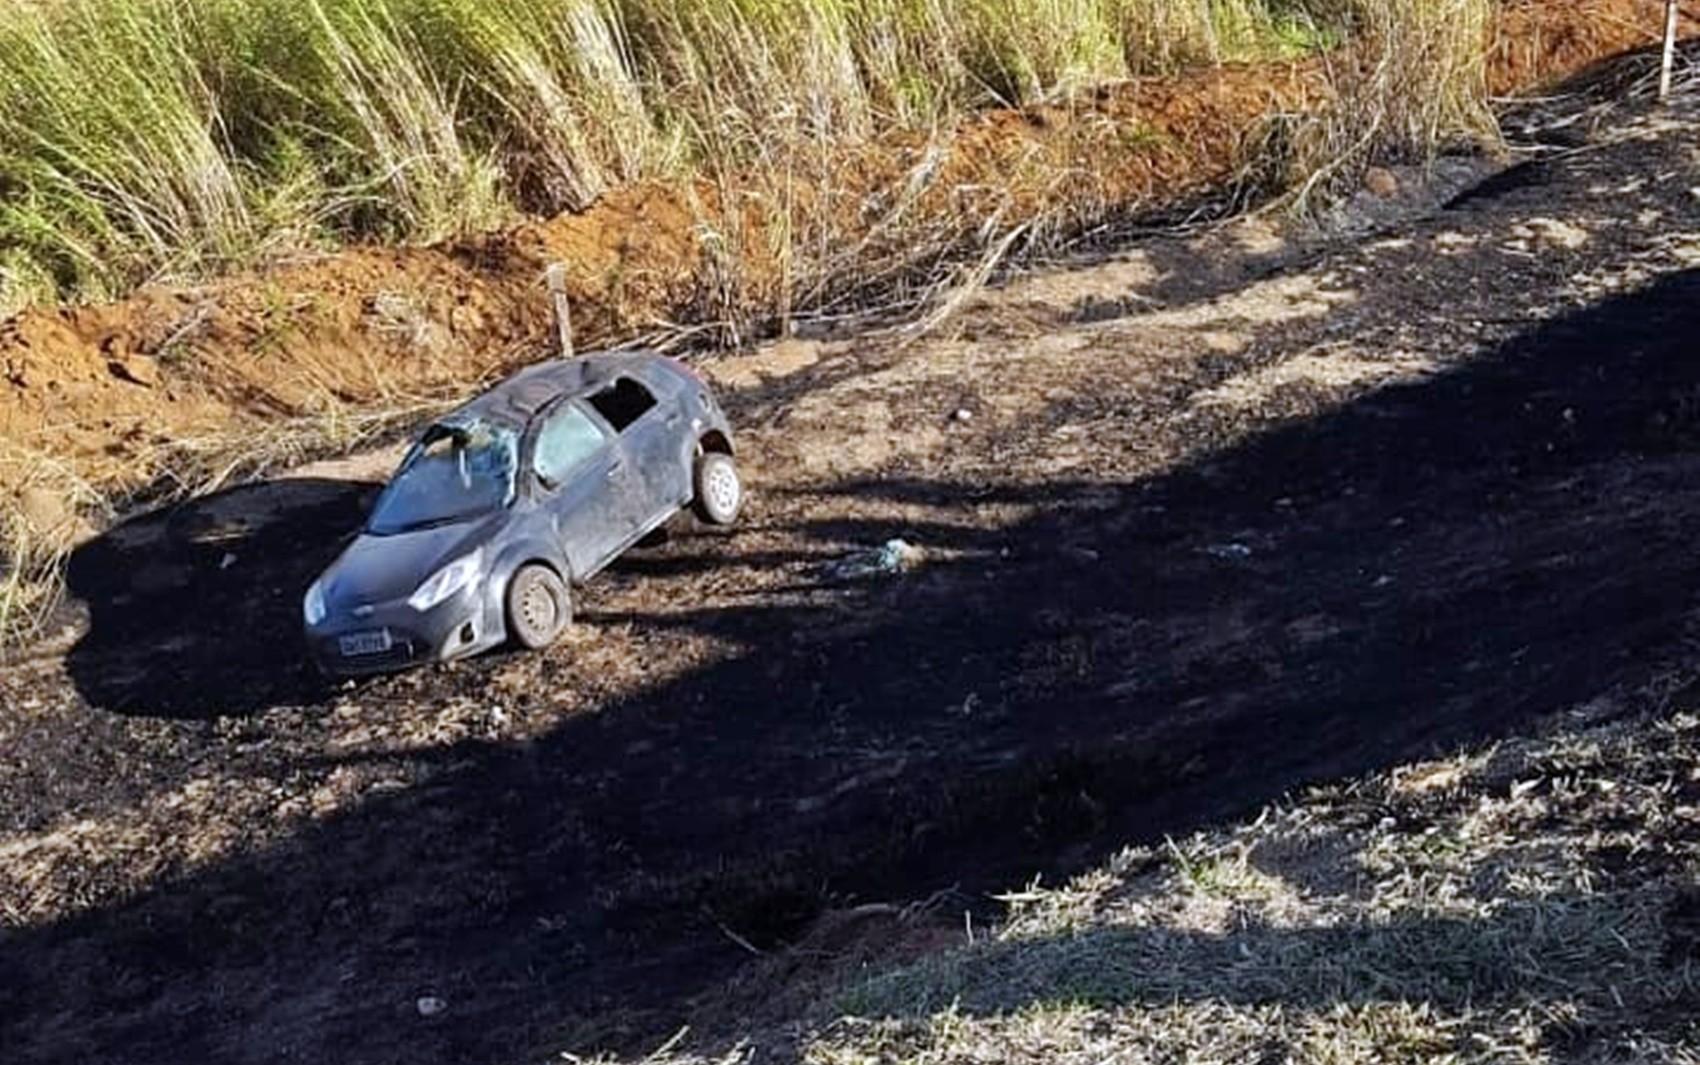 Carro cai em barranco de 40 metros após pneu estourar em Guaxupé, MG  - Notícias - Plantão Diário